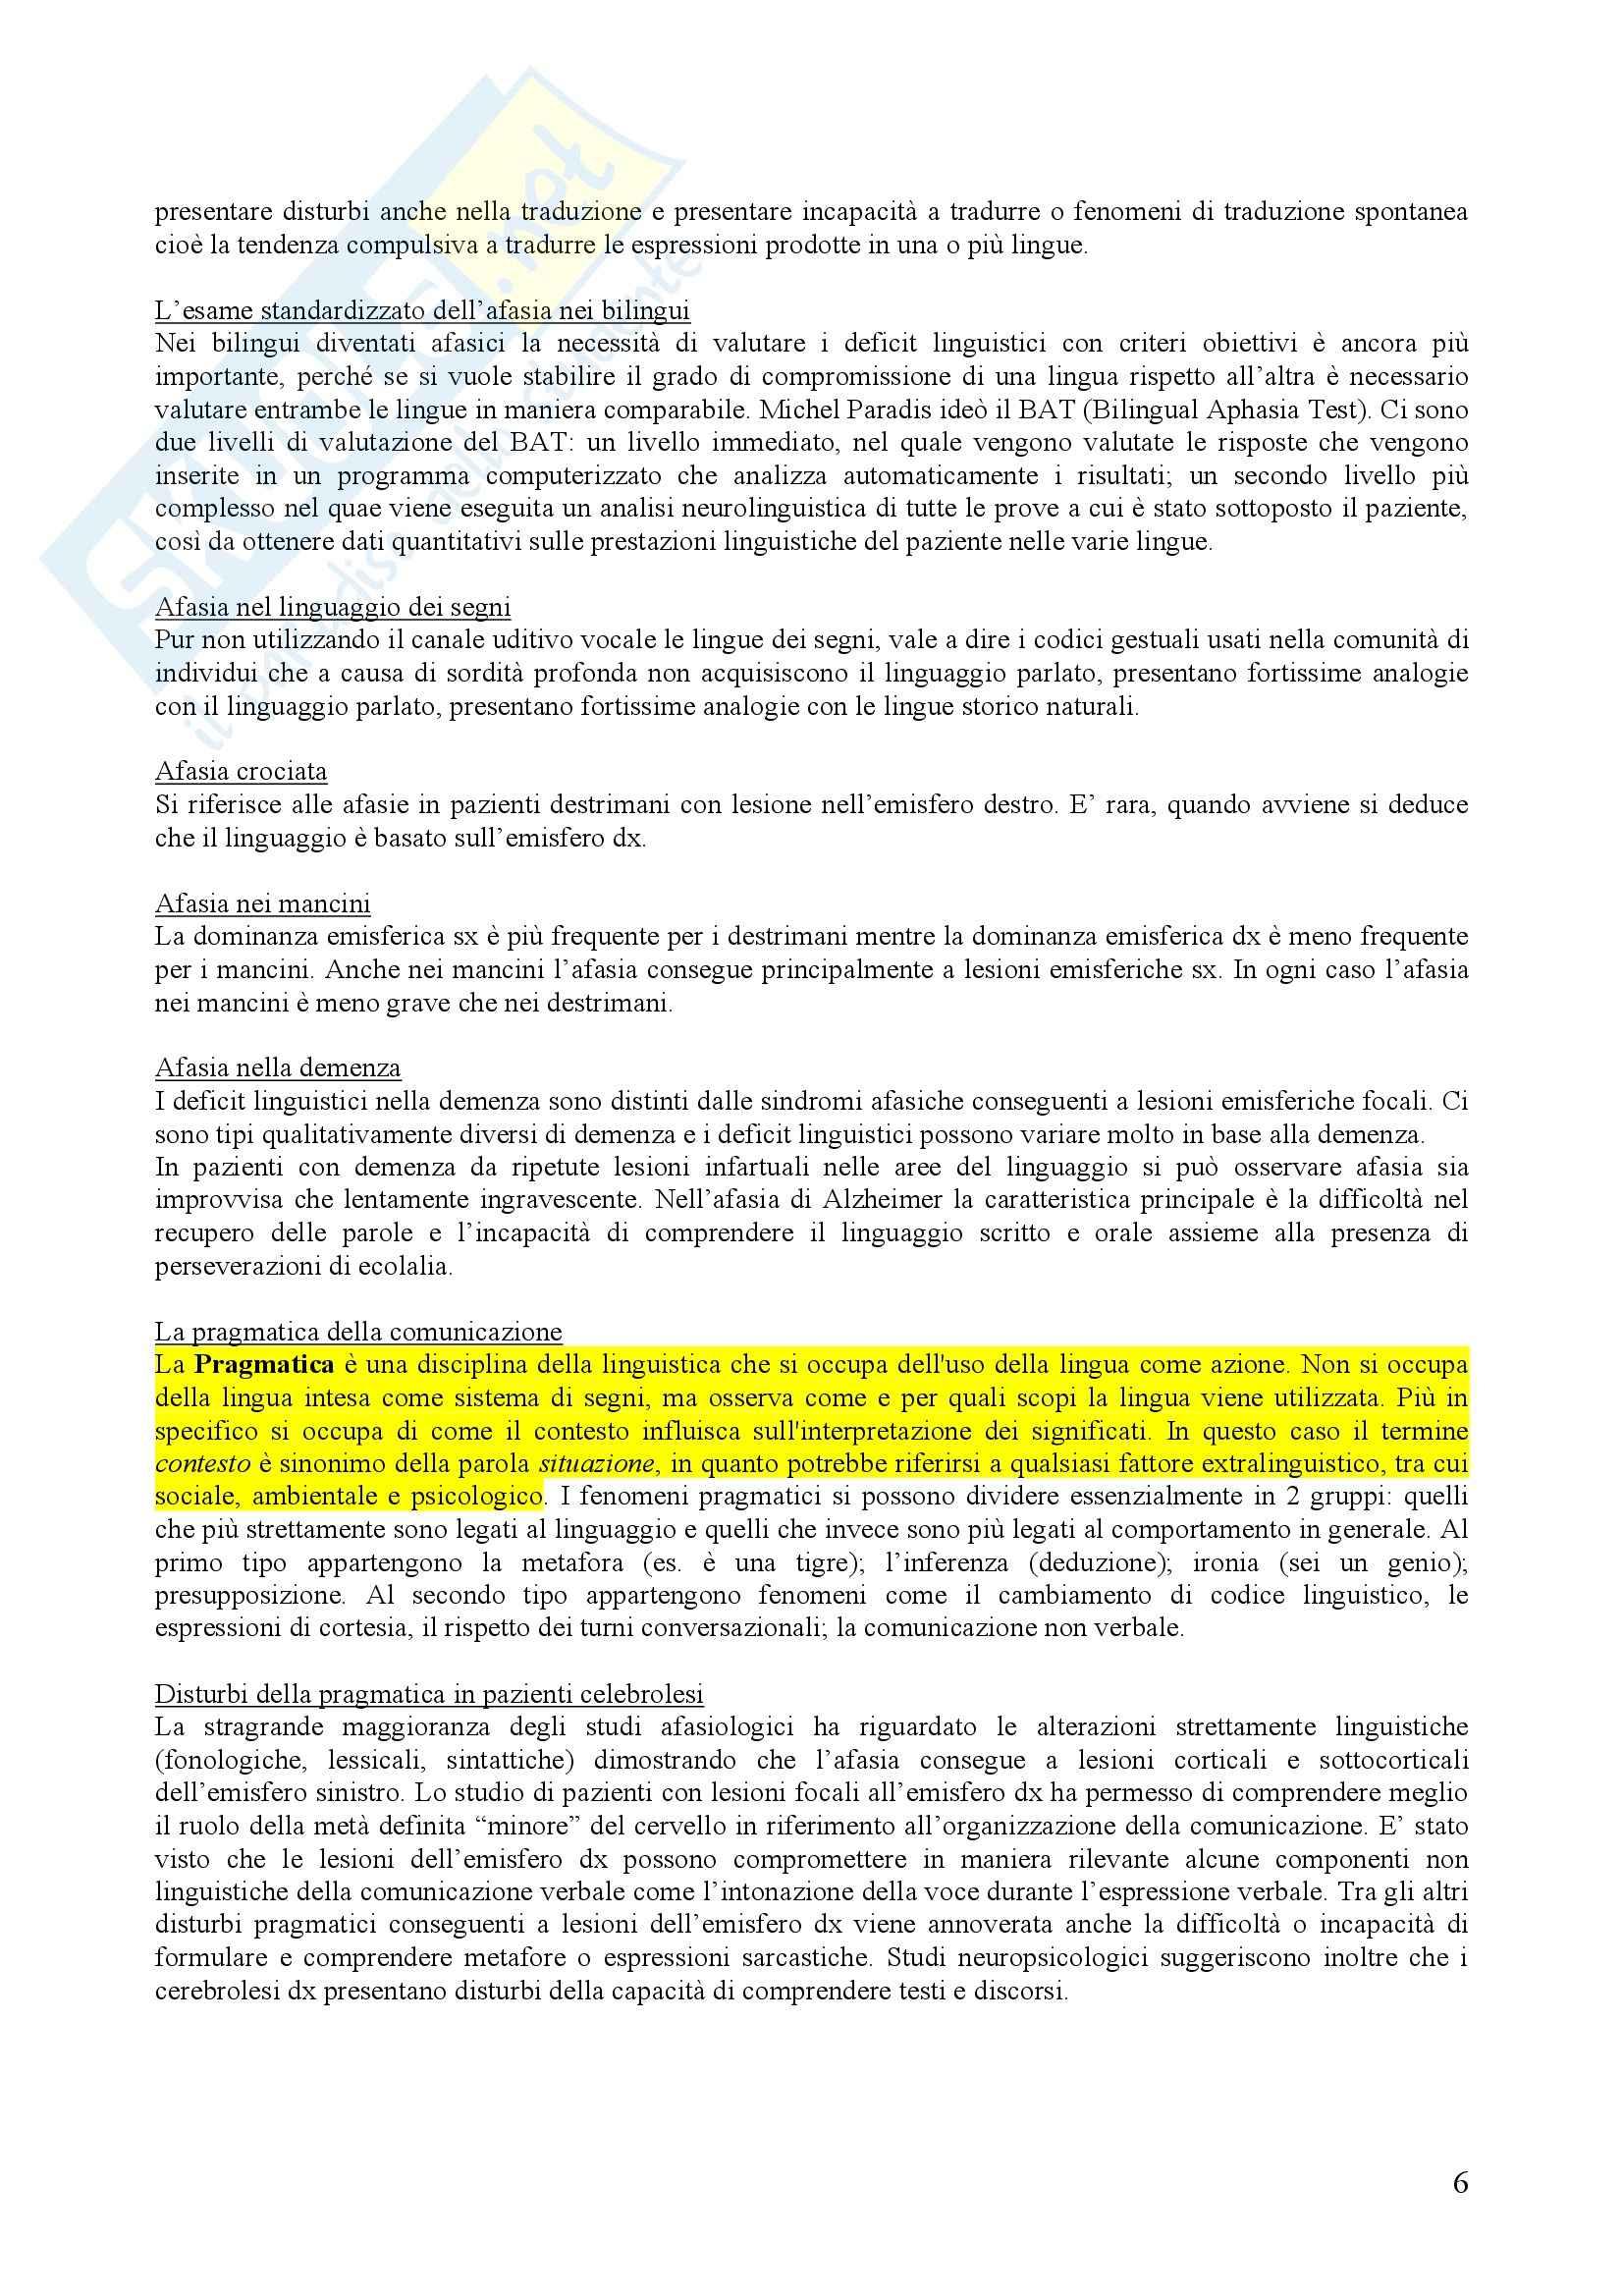 psicologia del linguaggio - sunti completi neuropsicologia del linguaggio, prof. Zeroli Pag. 6